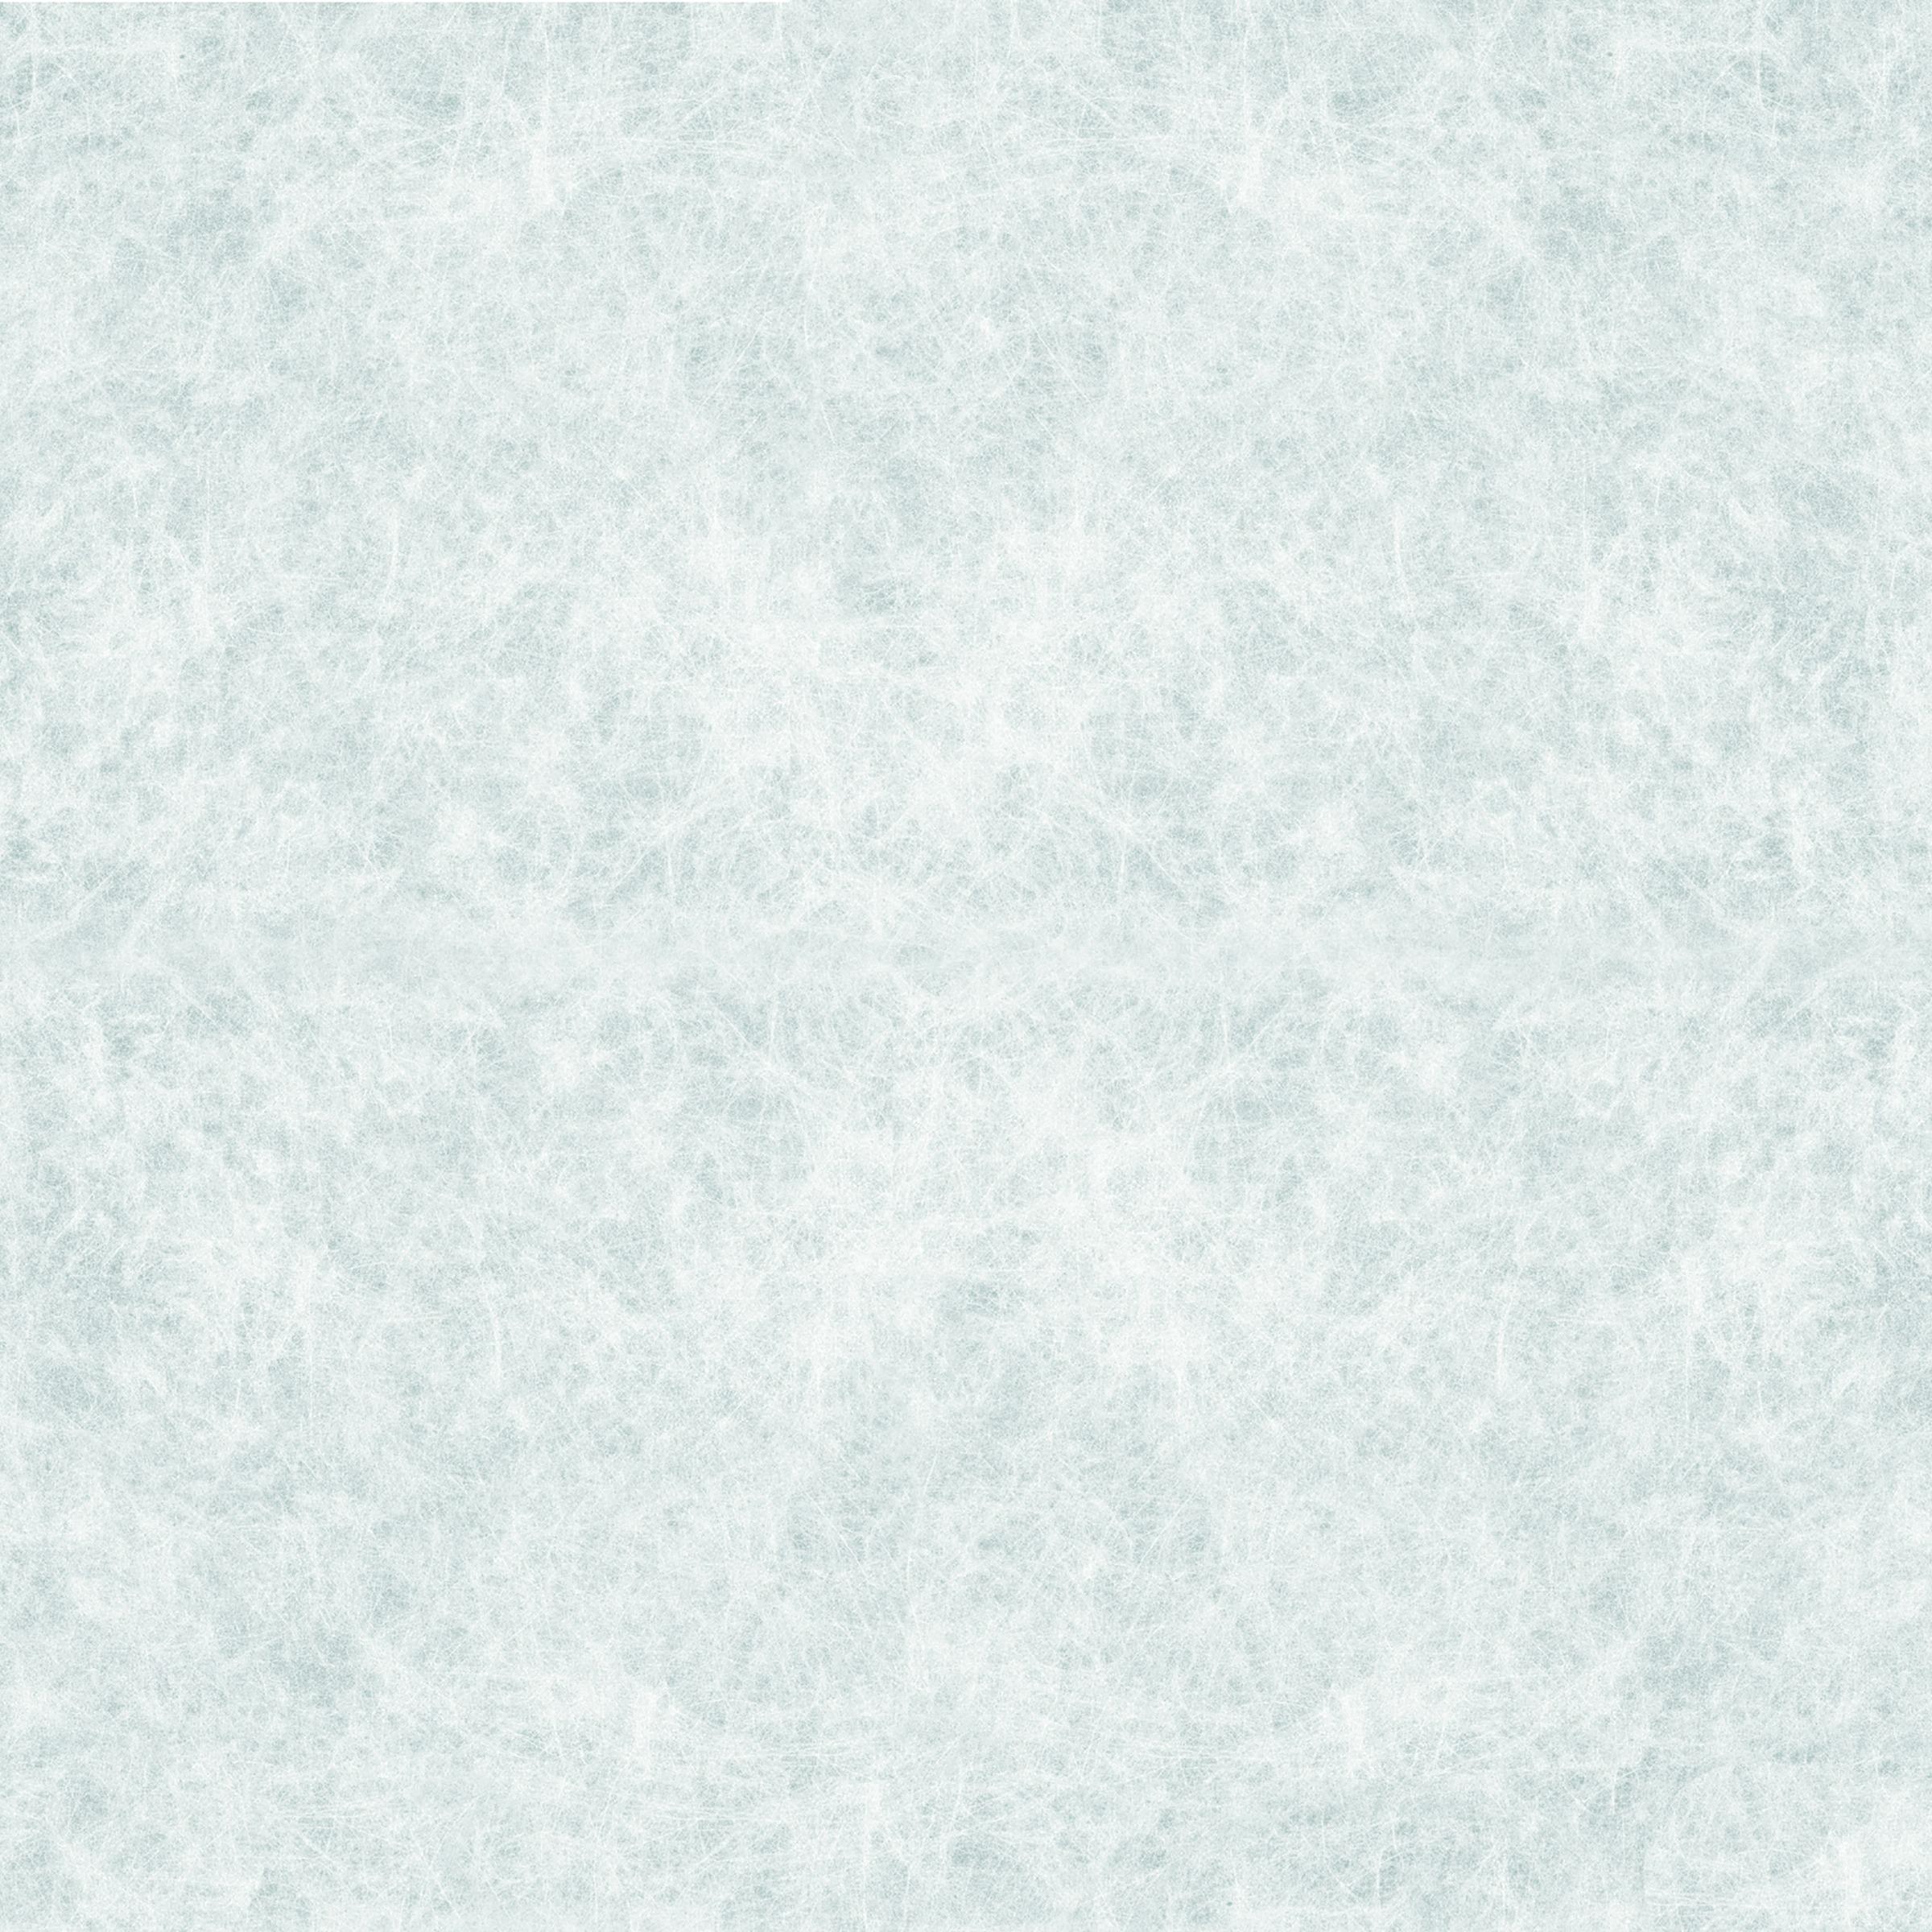 film pour vitre d c fix papier de riz 45x200 cm film pour vitrage film adh sif d coration. Black Bedroom Furniture Sets. Home Design Ideas